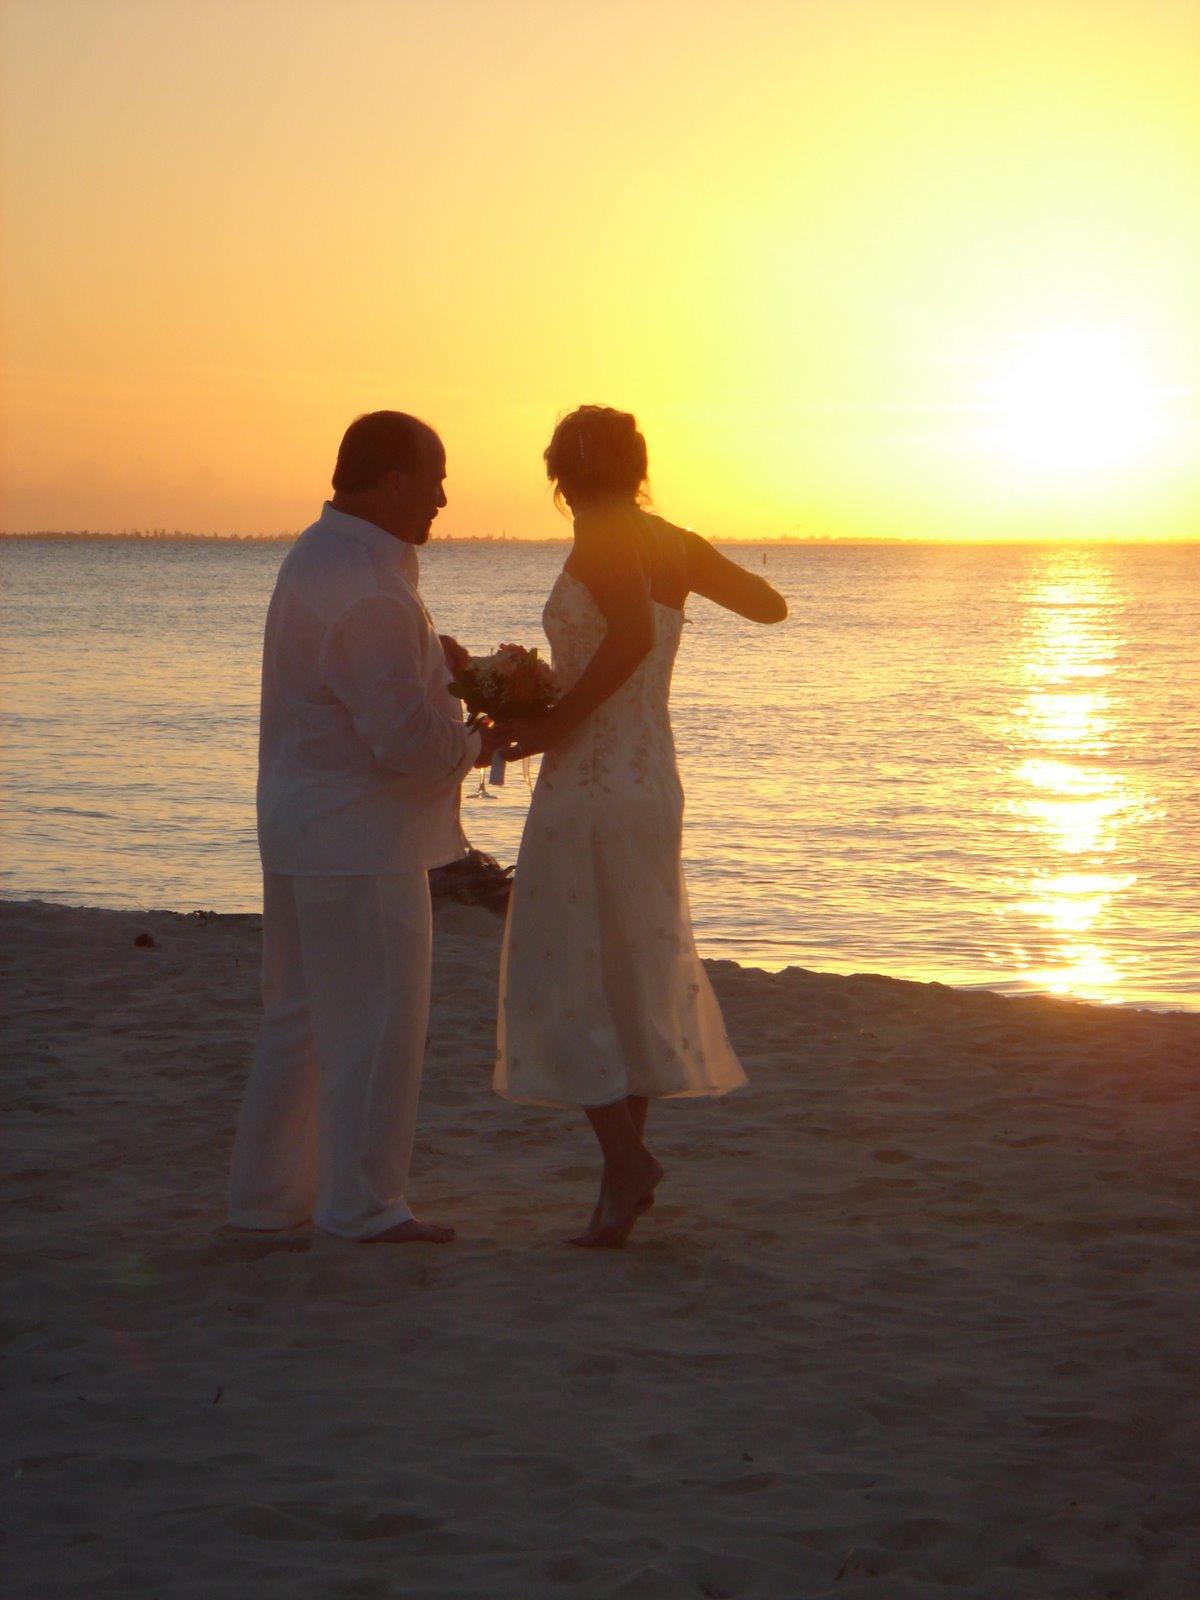 [Cayman+Kai+sunset]